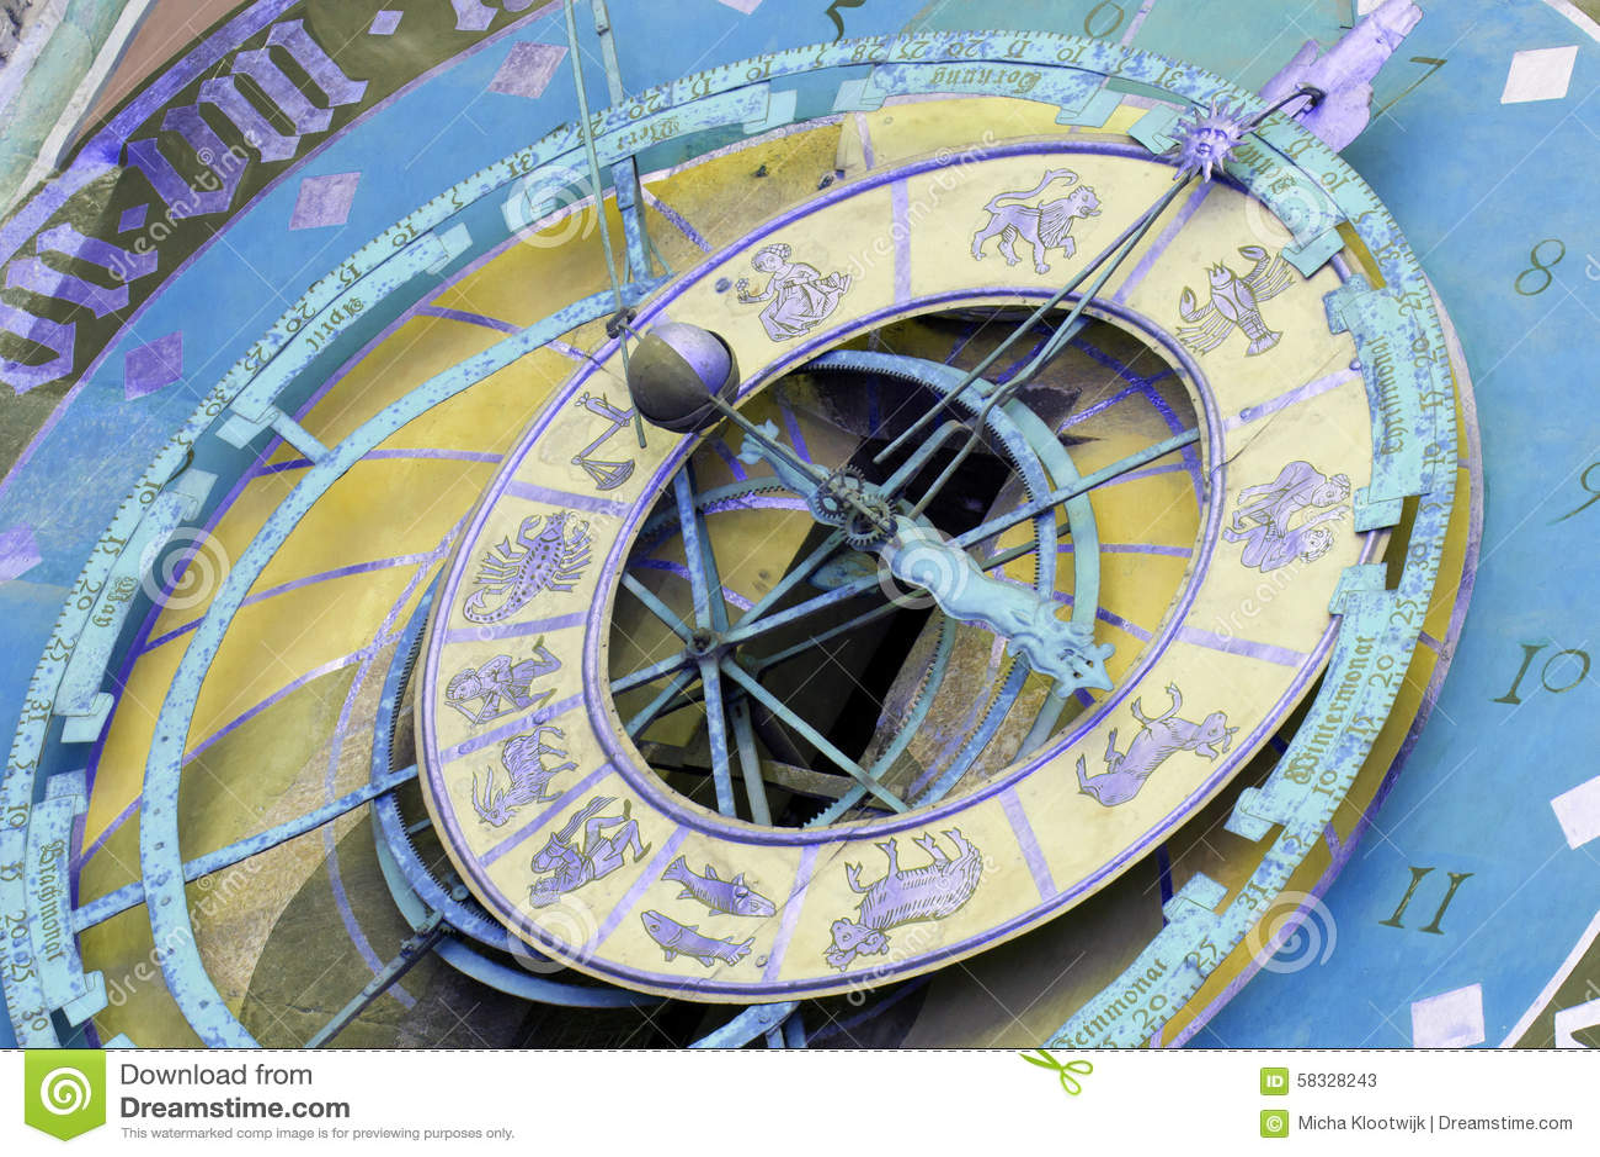 Zytglogge zodiakalny zegar w Bern, Szwajcaria